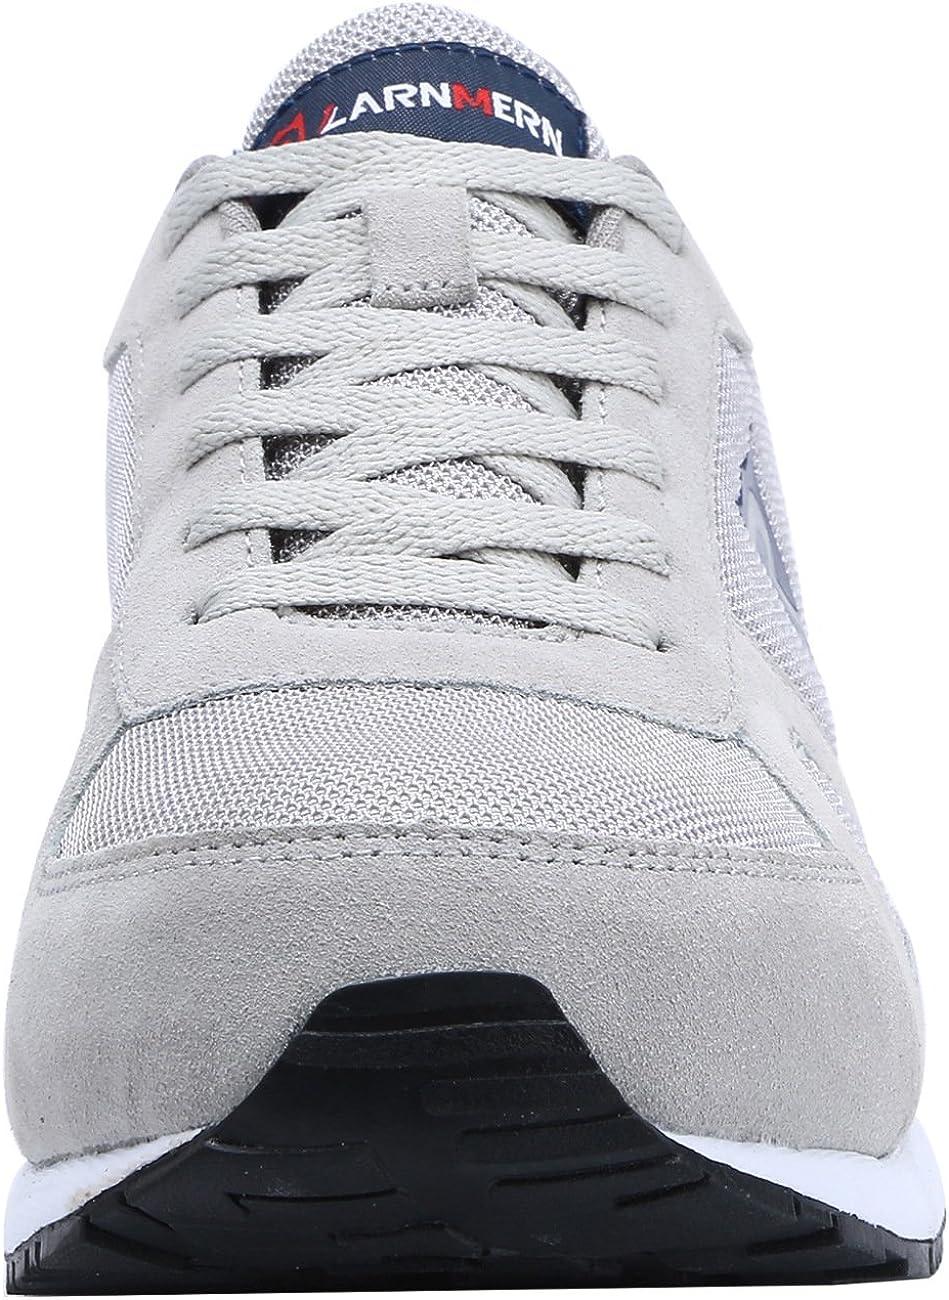 LARNMERN Scarpe Antinfortunistiche da Uomo Punta in Acciaio Sneakers da Lavoro Leggere ed Eleganti